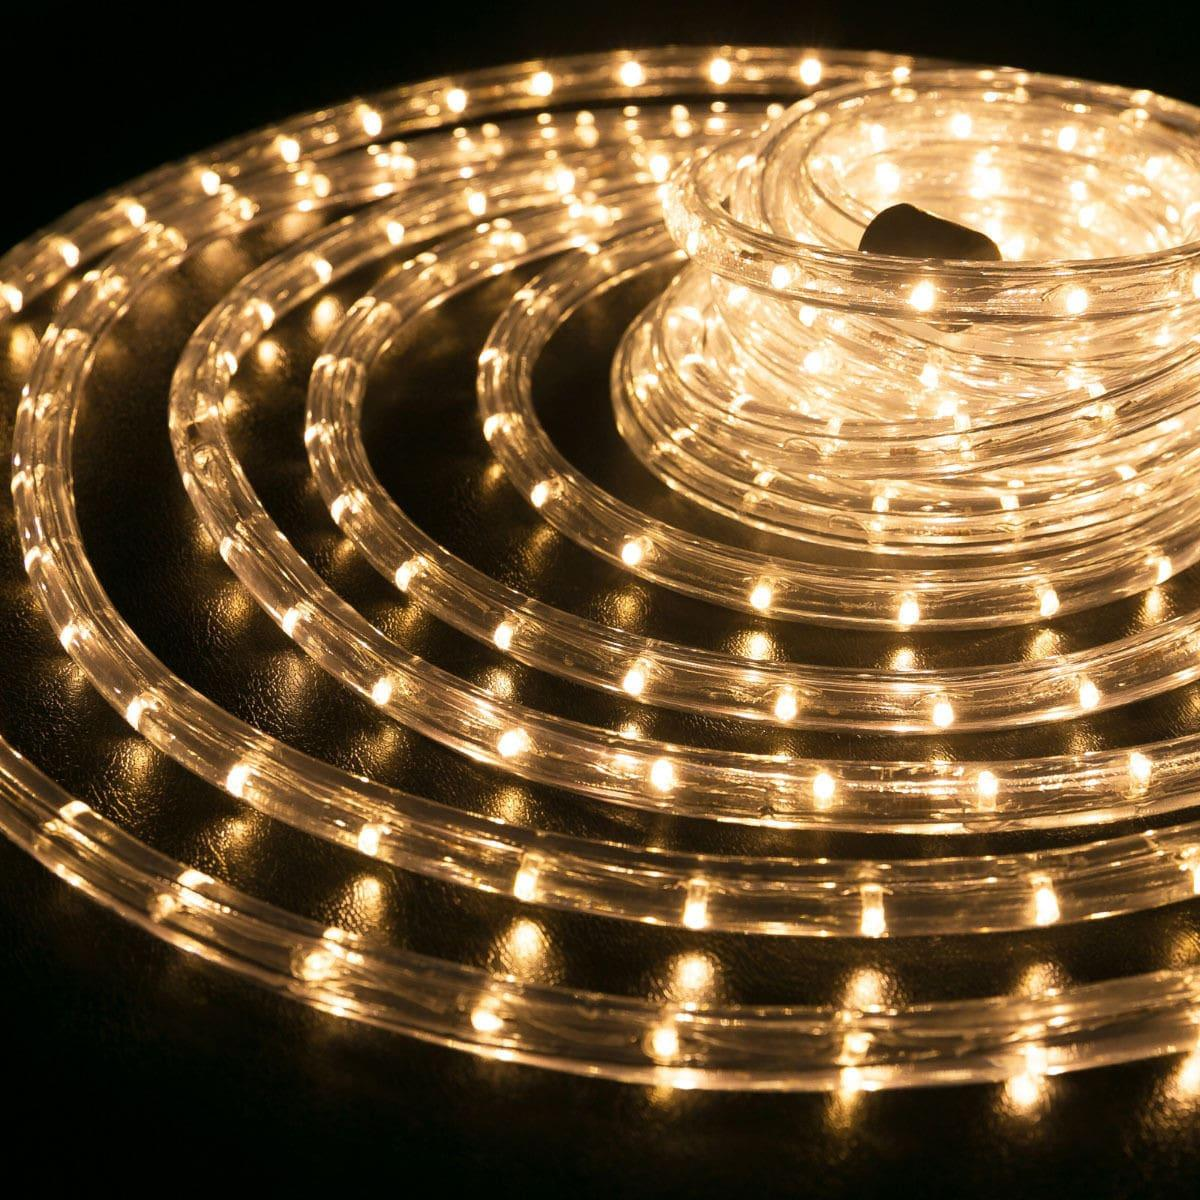 """Наружная Герметичная LED гирлянда Дюралайт """"Duralight"""" 100 метров Теплый белый, 1800 Ламп прозрачный силикон"""